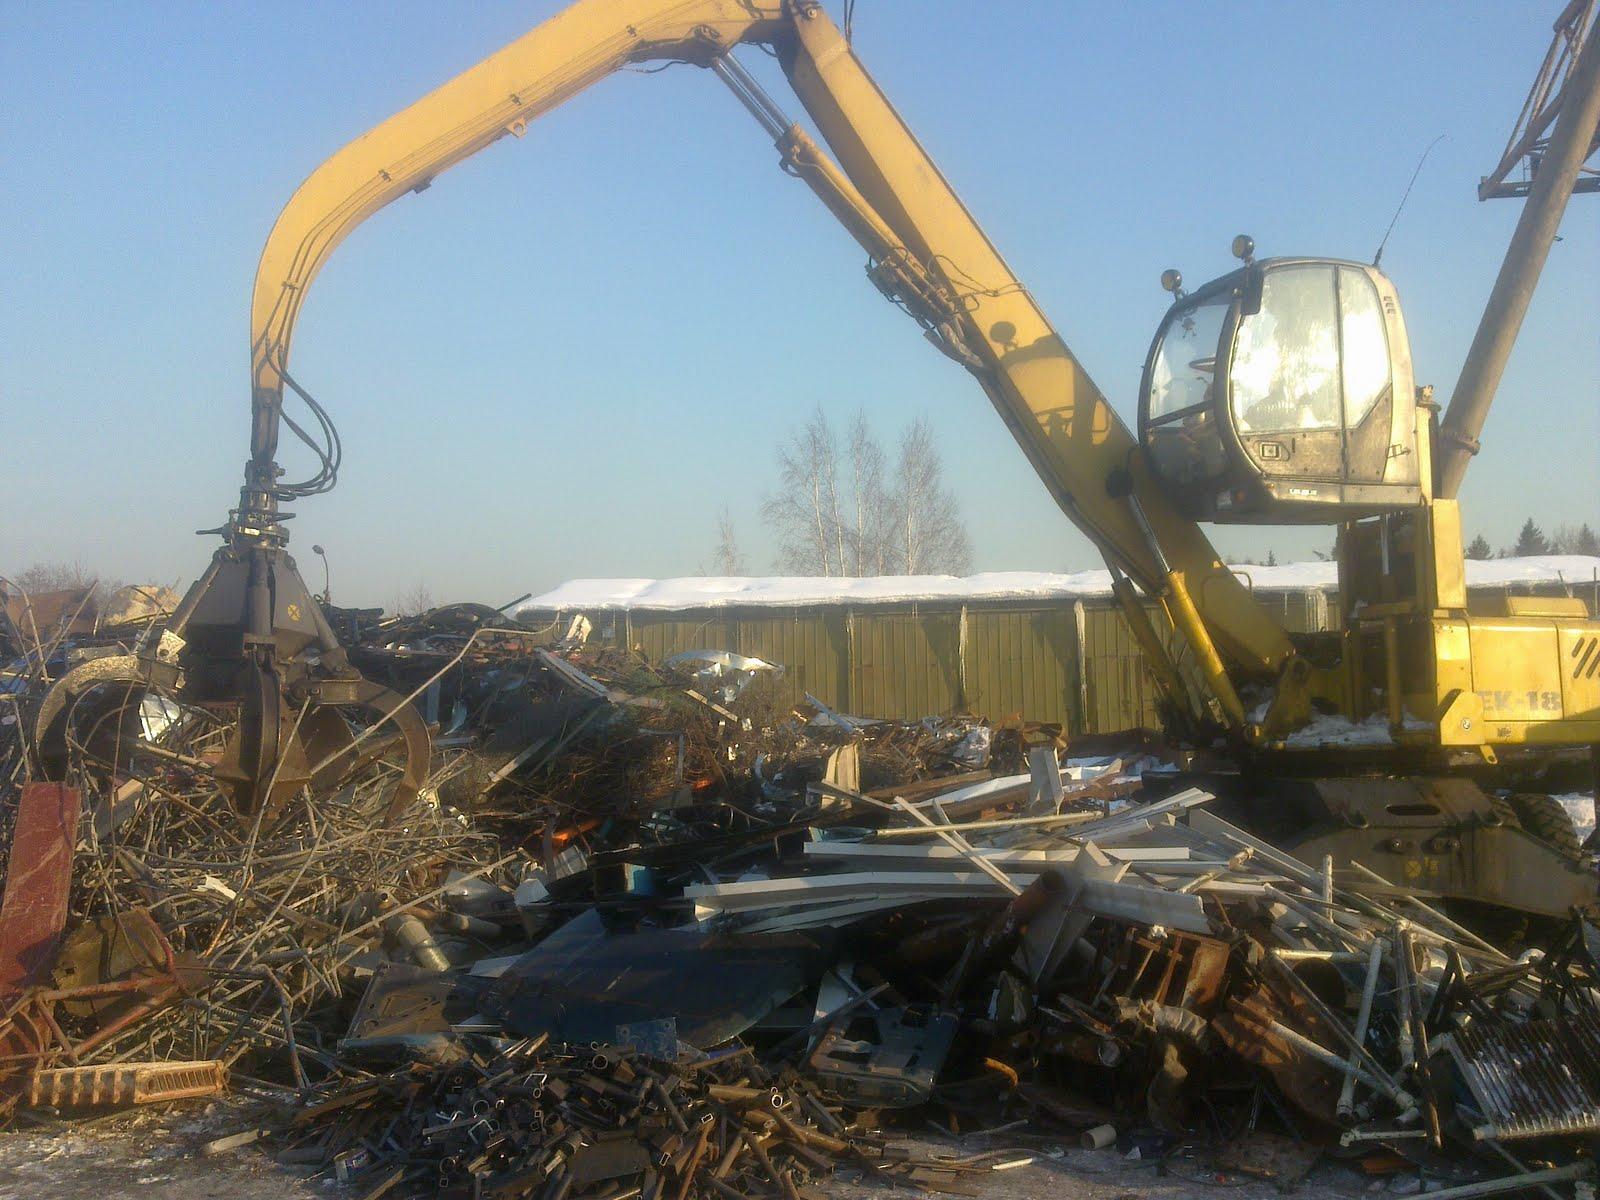 Чермет самовывоз в Ликино-Дулево 1 кг железа цена в Боровково